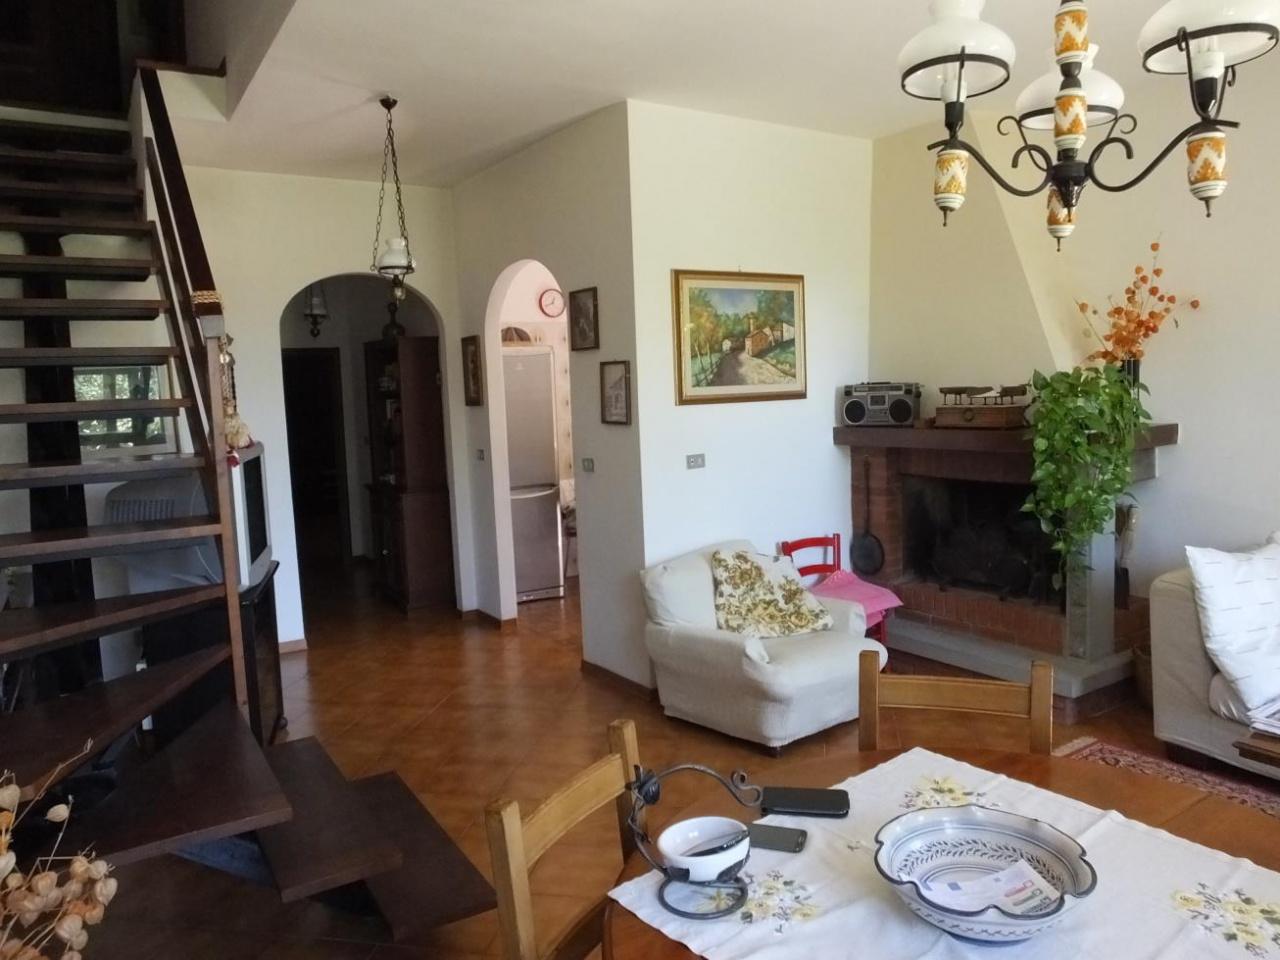 Soluzione Indipendente in vendita a Chiusi della Verna, 5 locali, prezzo € 160.000 | CambioCasa.it